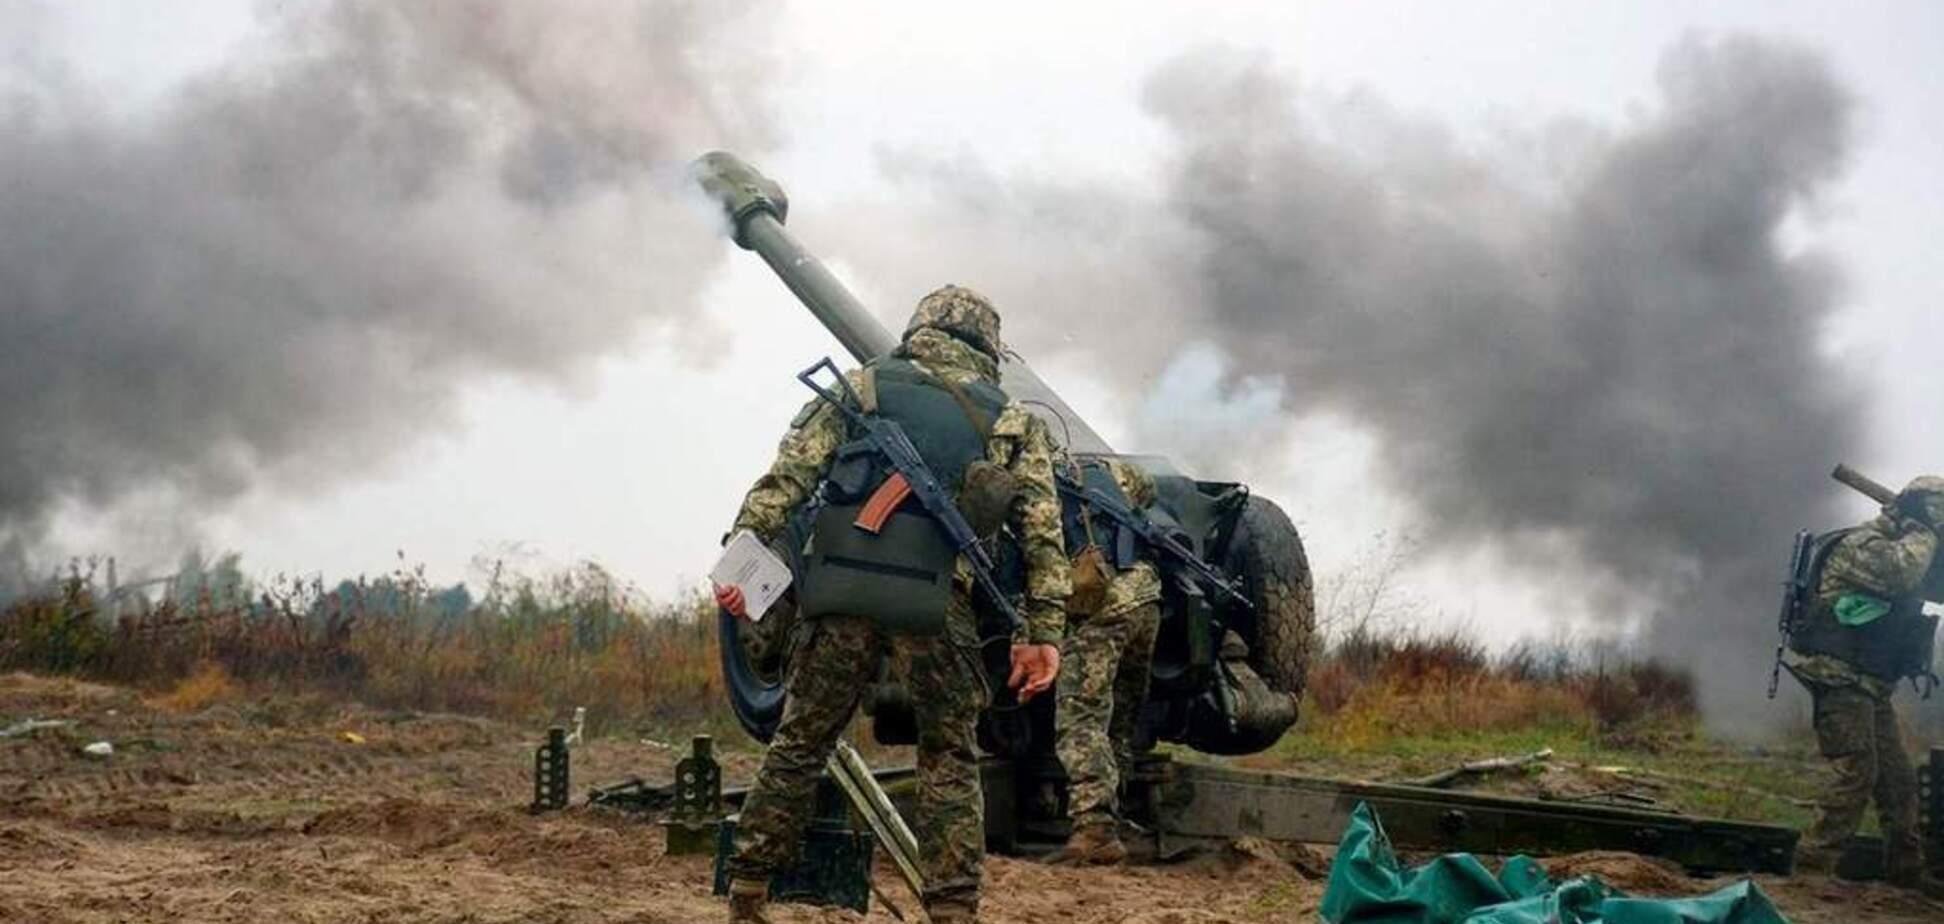 Новые кураторы РФ на Донбассе: ветеран АТО выяснил цель